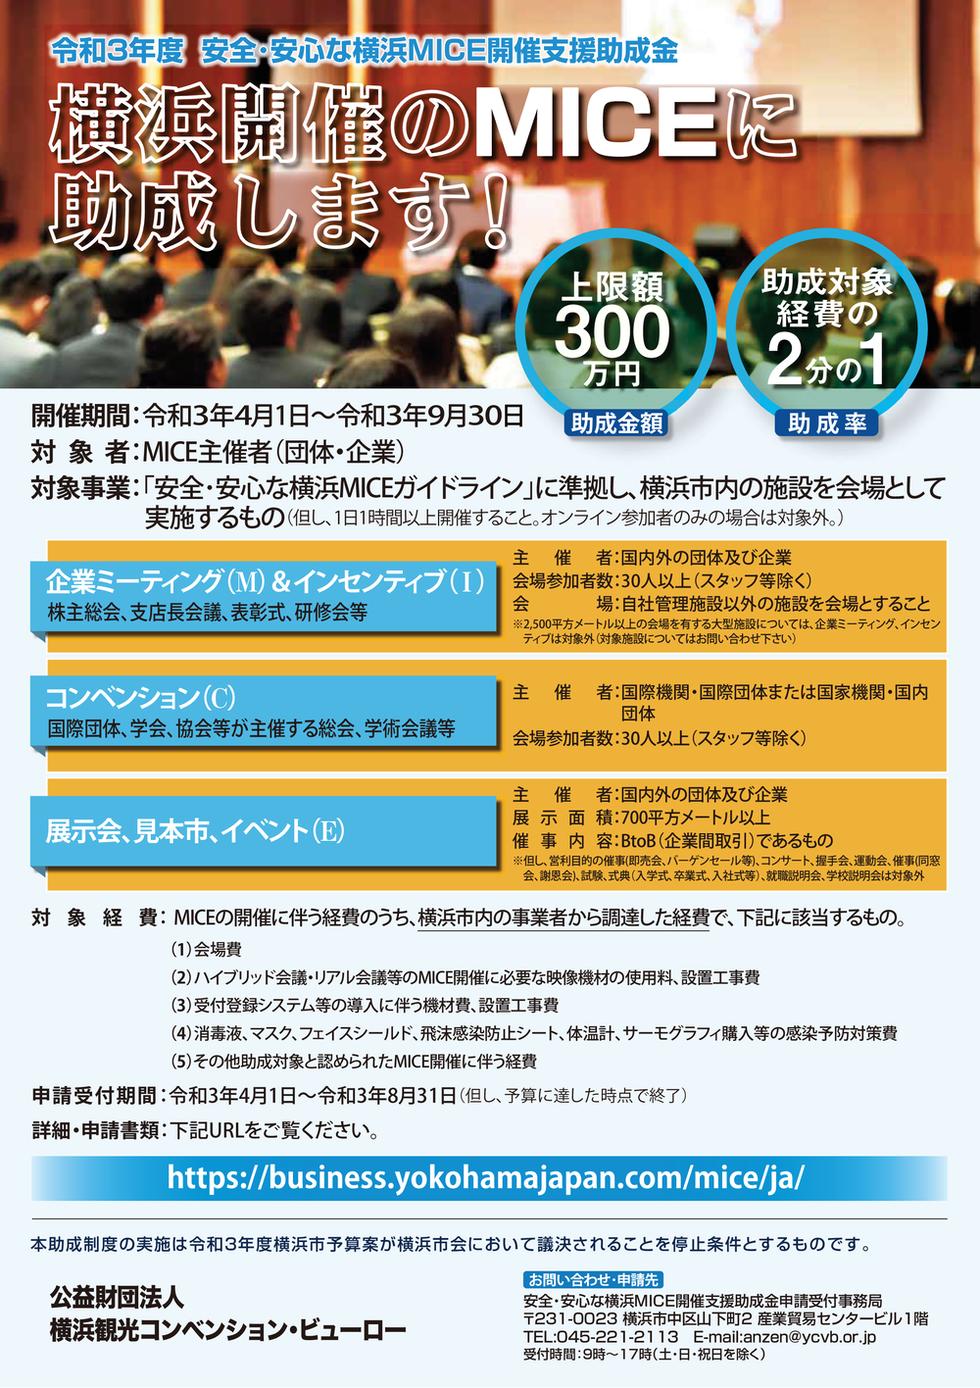 yokohama_mice_flyer_210224.png